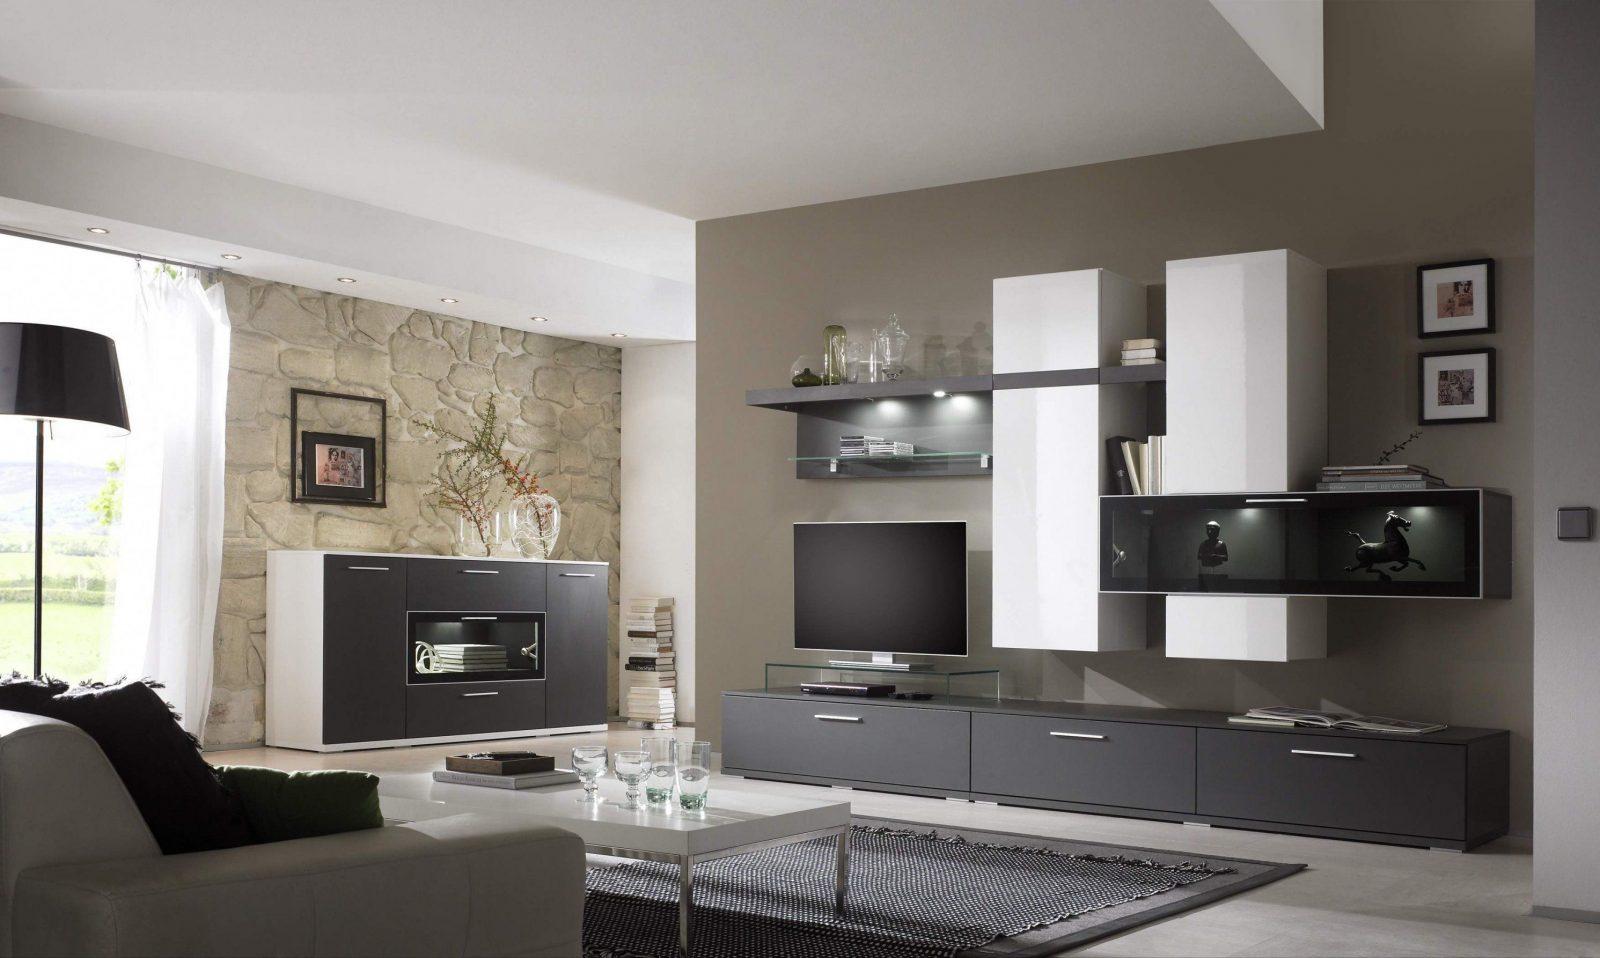 Wohnideen  Wohnzimmer Weis Grau Lila Mit Inspirierend Lila von Wohnzimmer Grau Weiß Streichen Bild